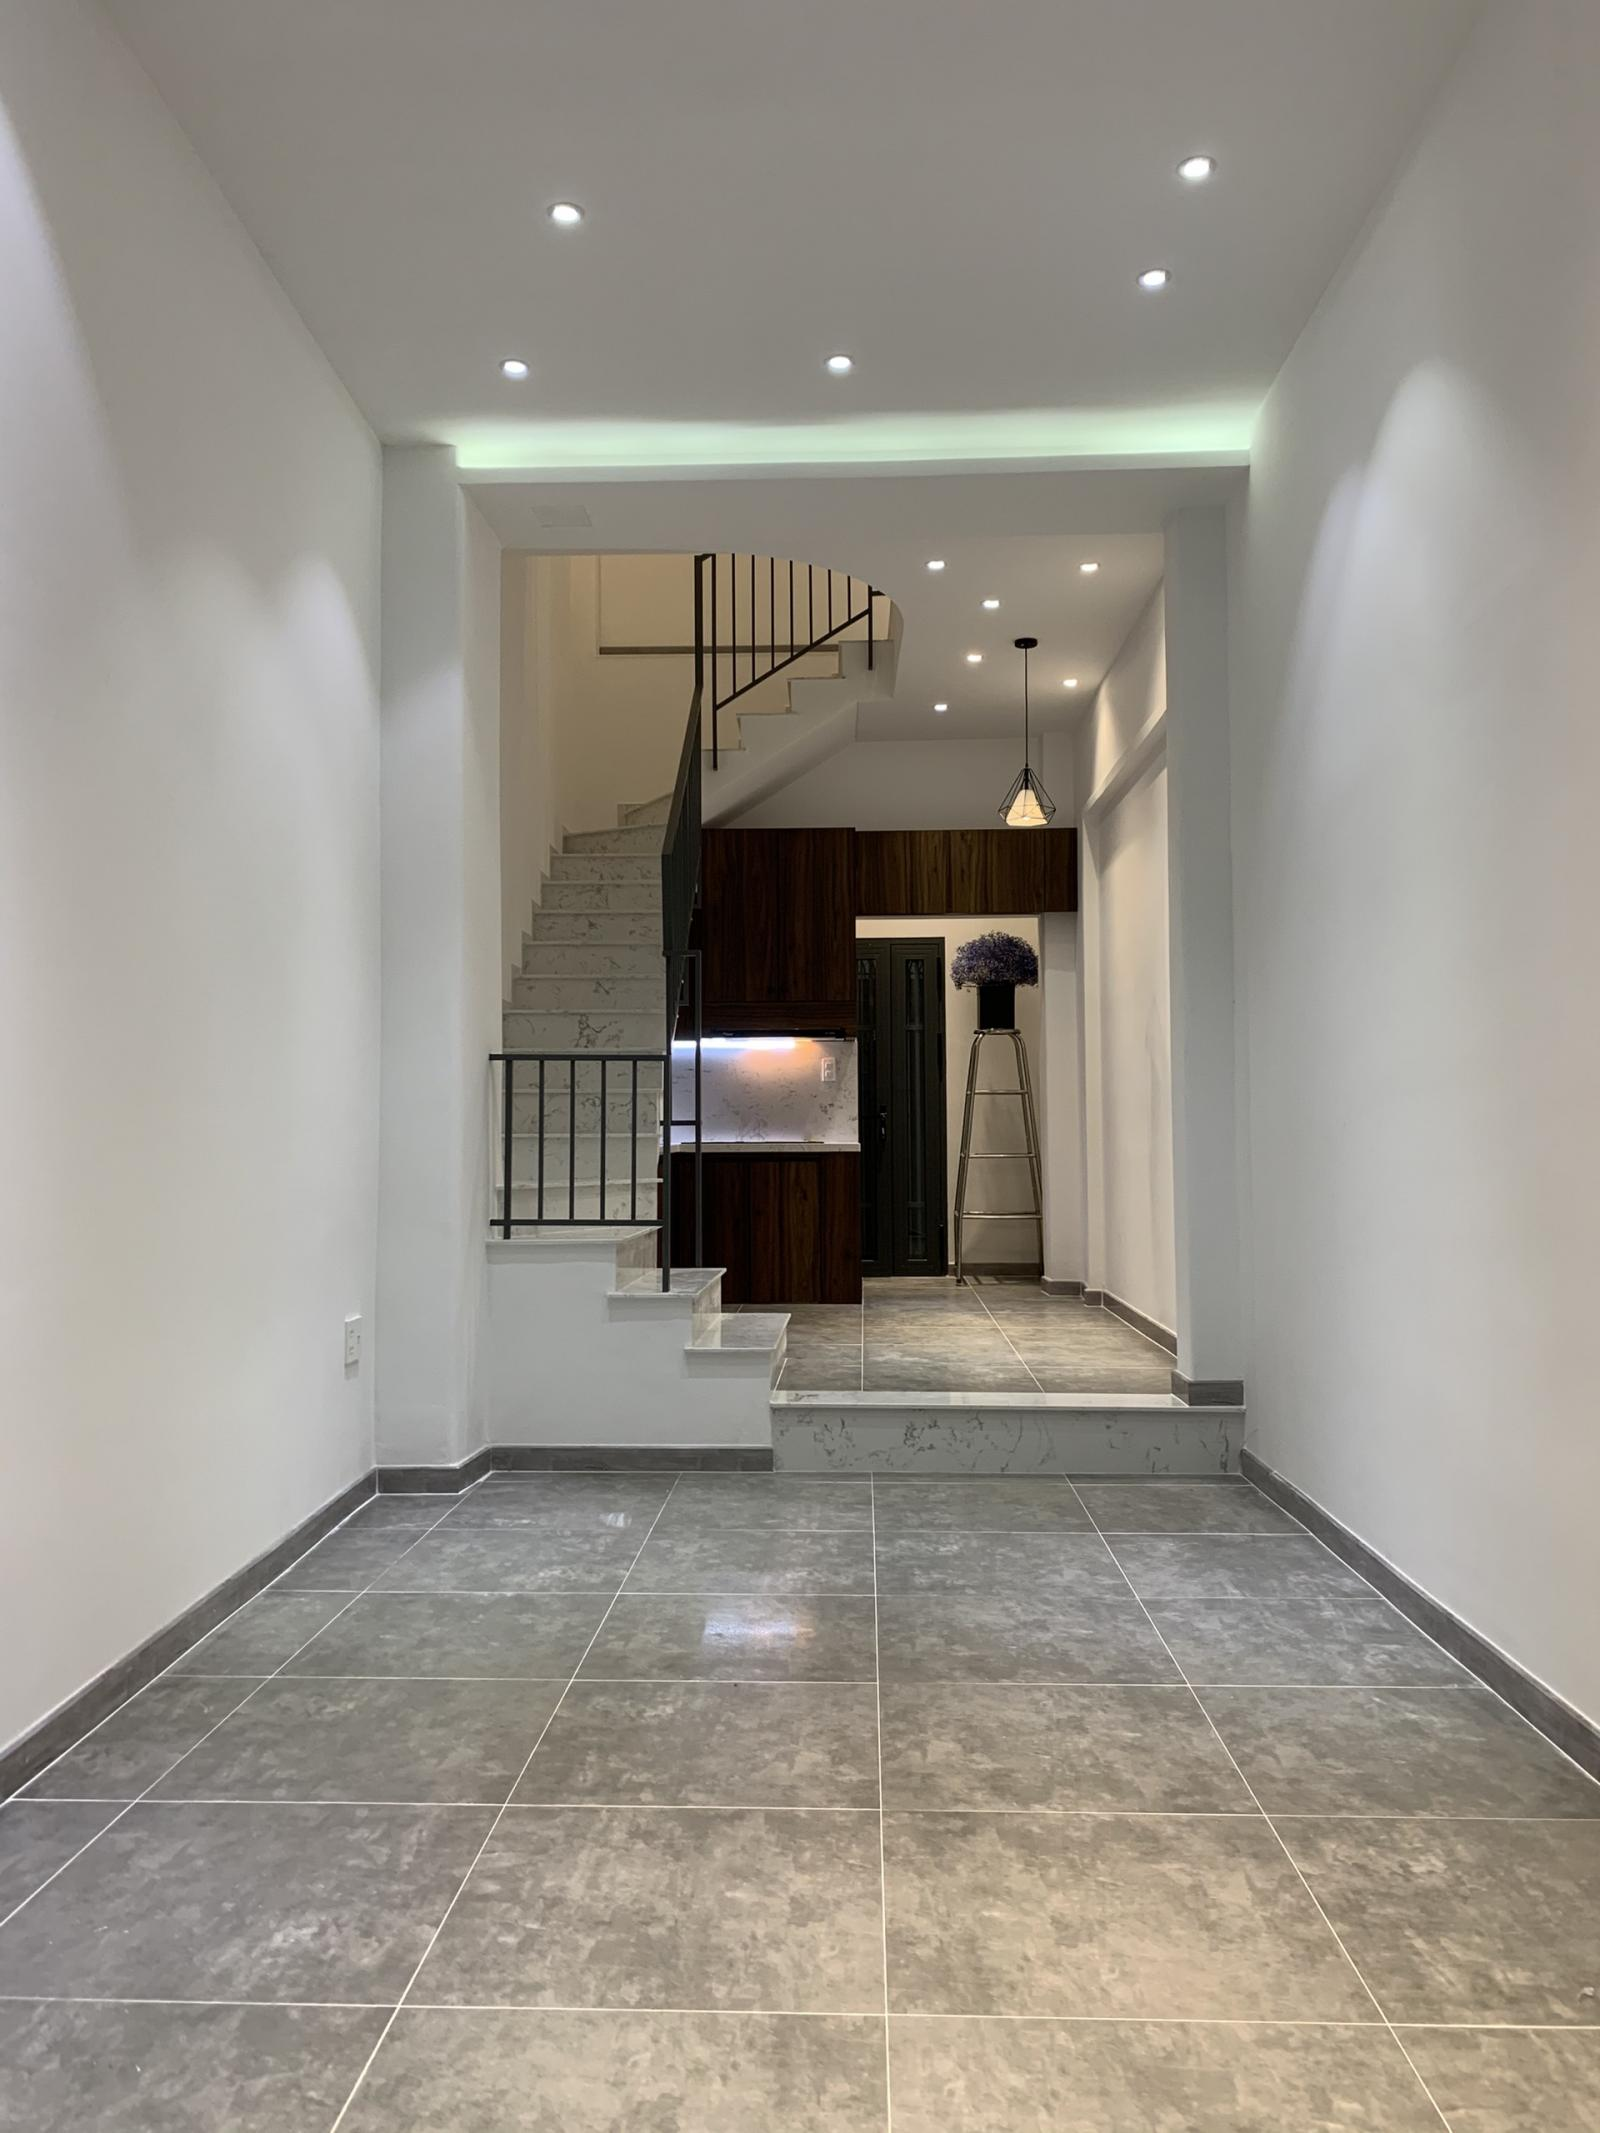 Không gian bên trong nhà, cầu thang